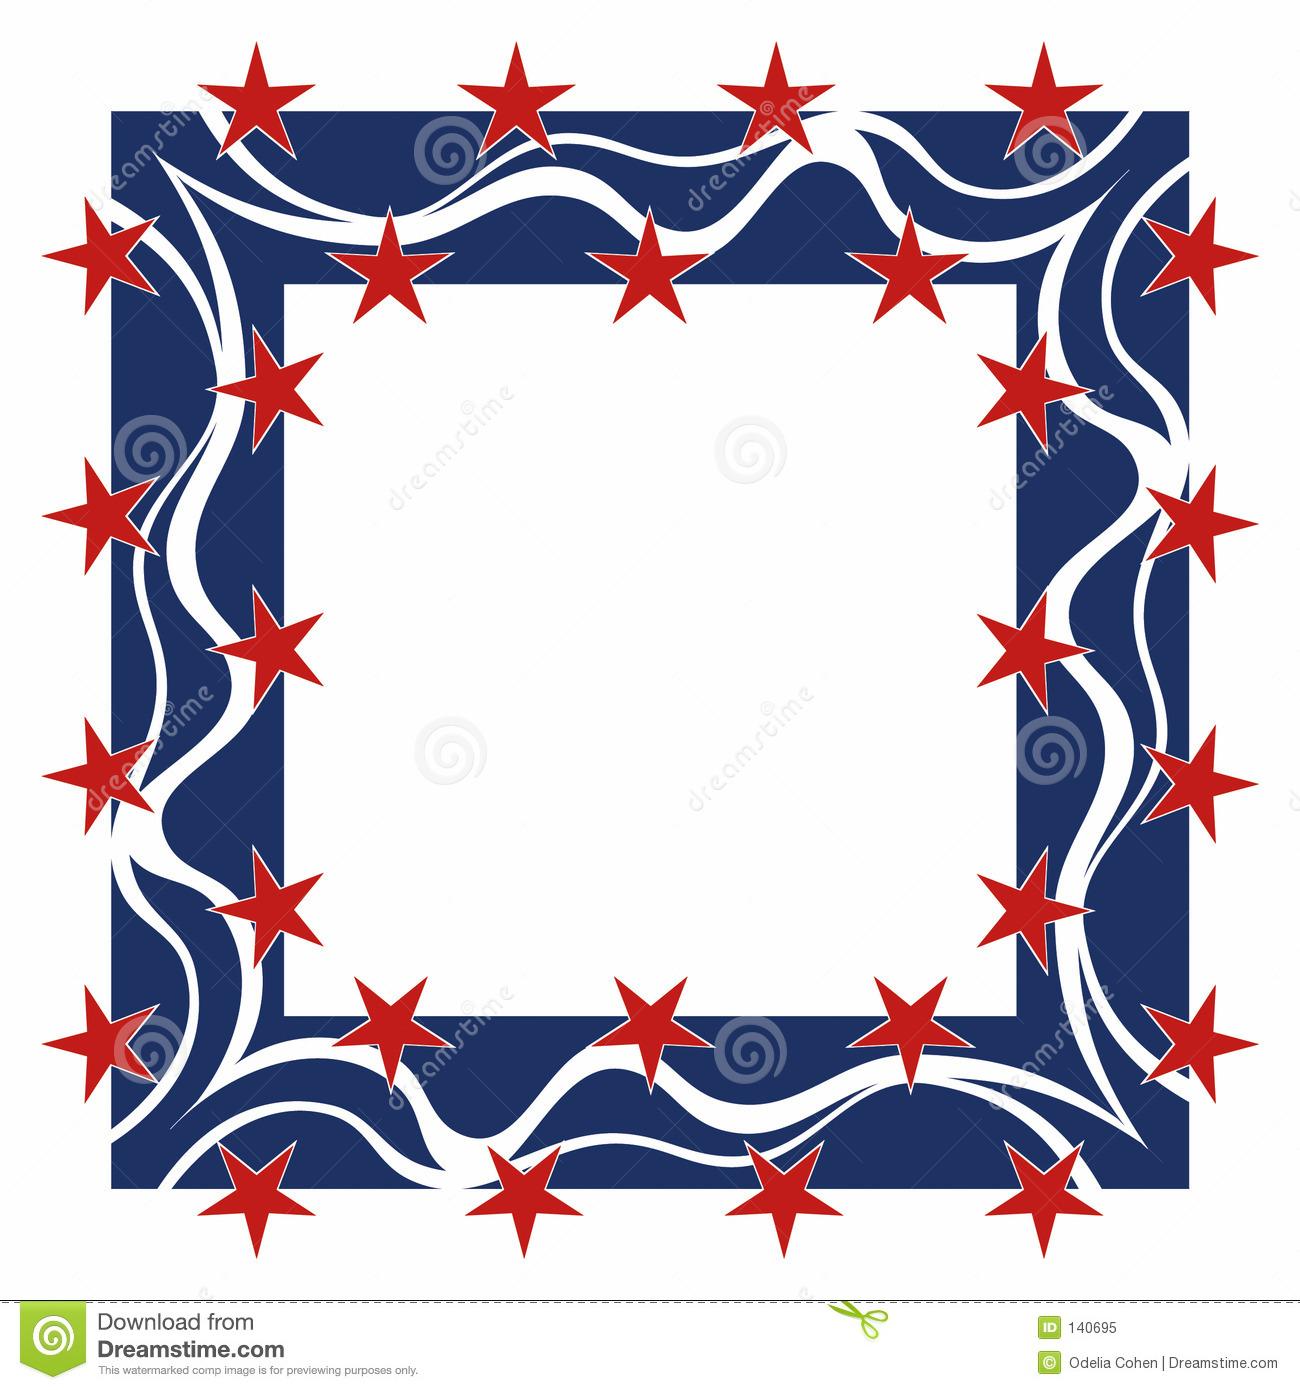 Patriotic Star Border Clip Ar - Free Patriotic Clip Art